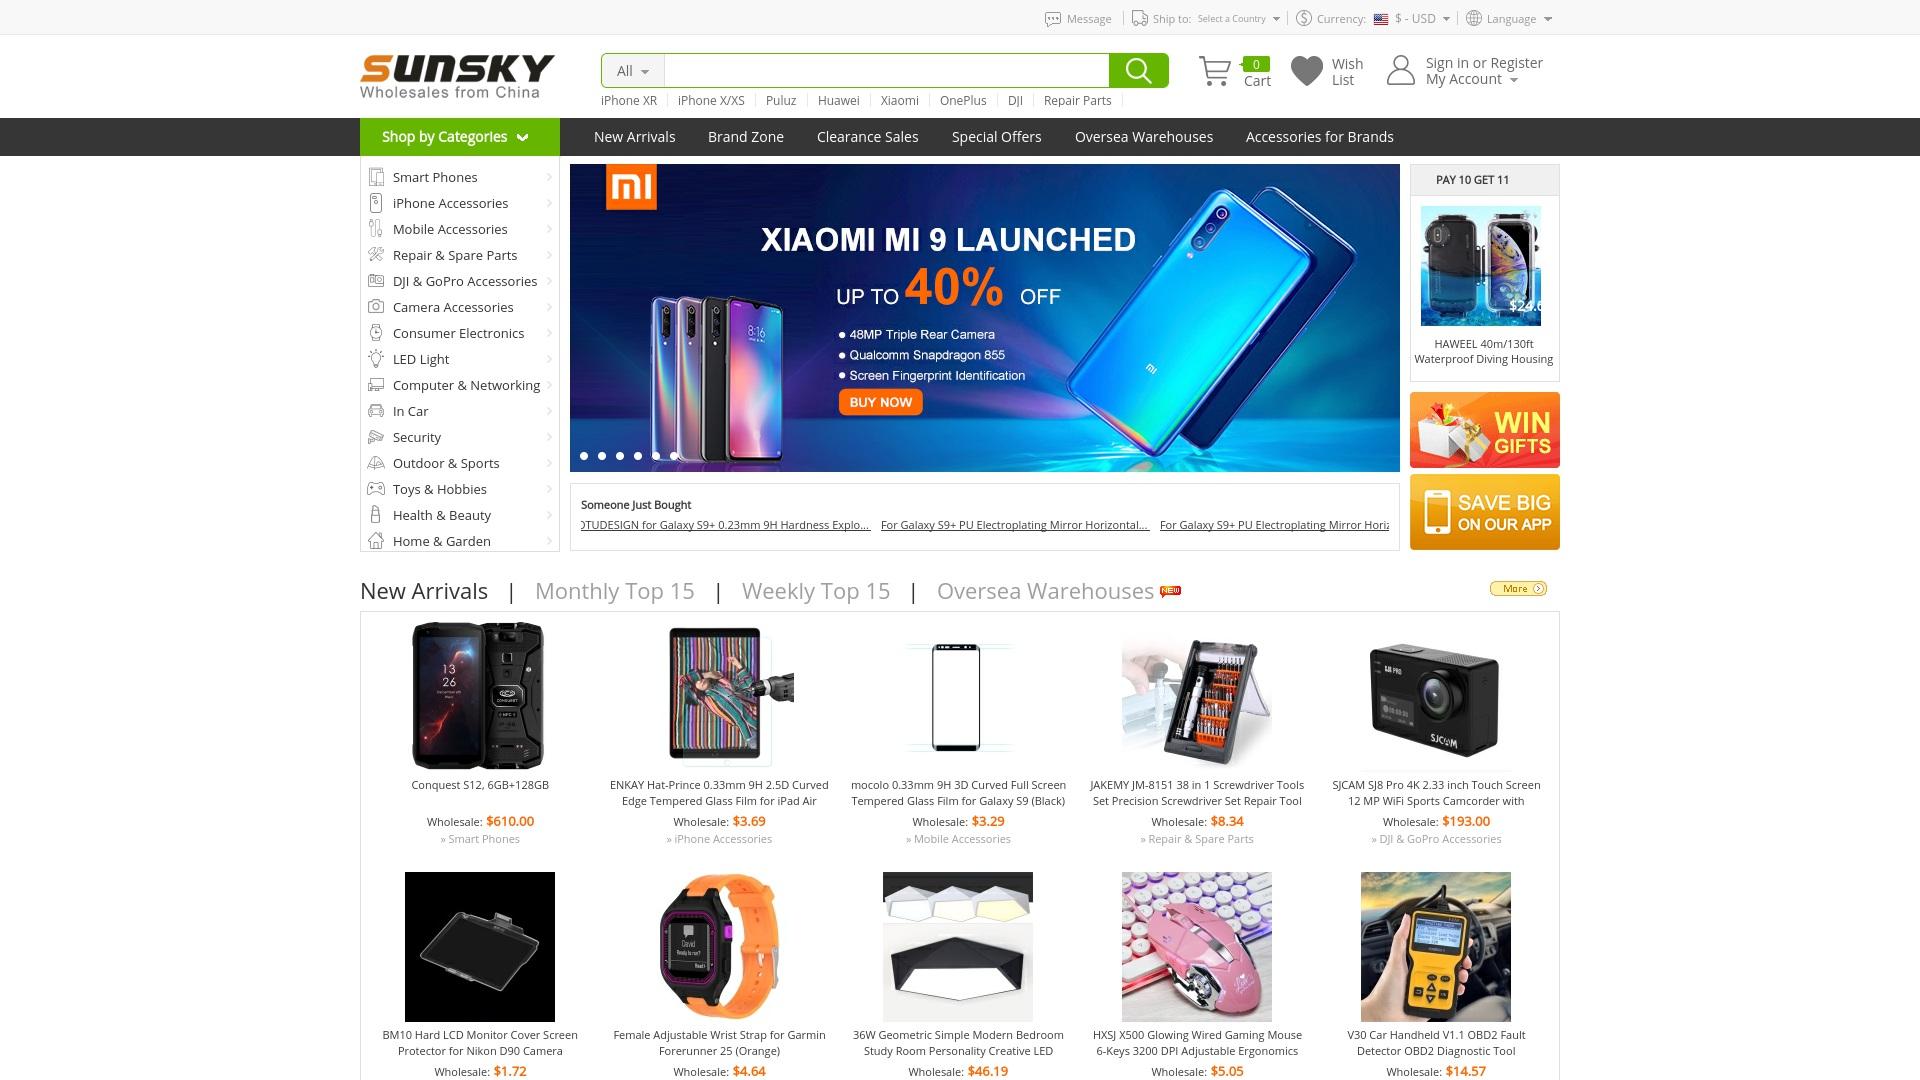 Geld zurück bei Sunsky-online: Jetzt im Mai 2021 Cashback für Sunsky-online sichern